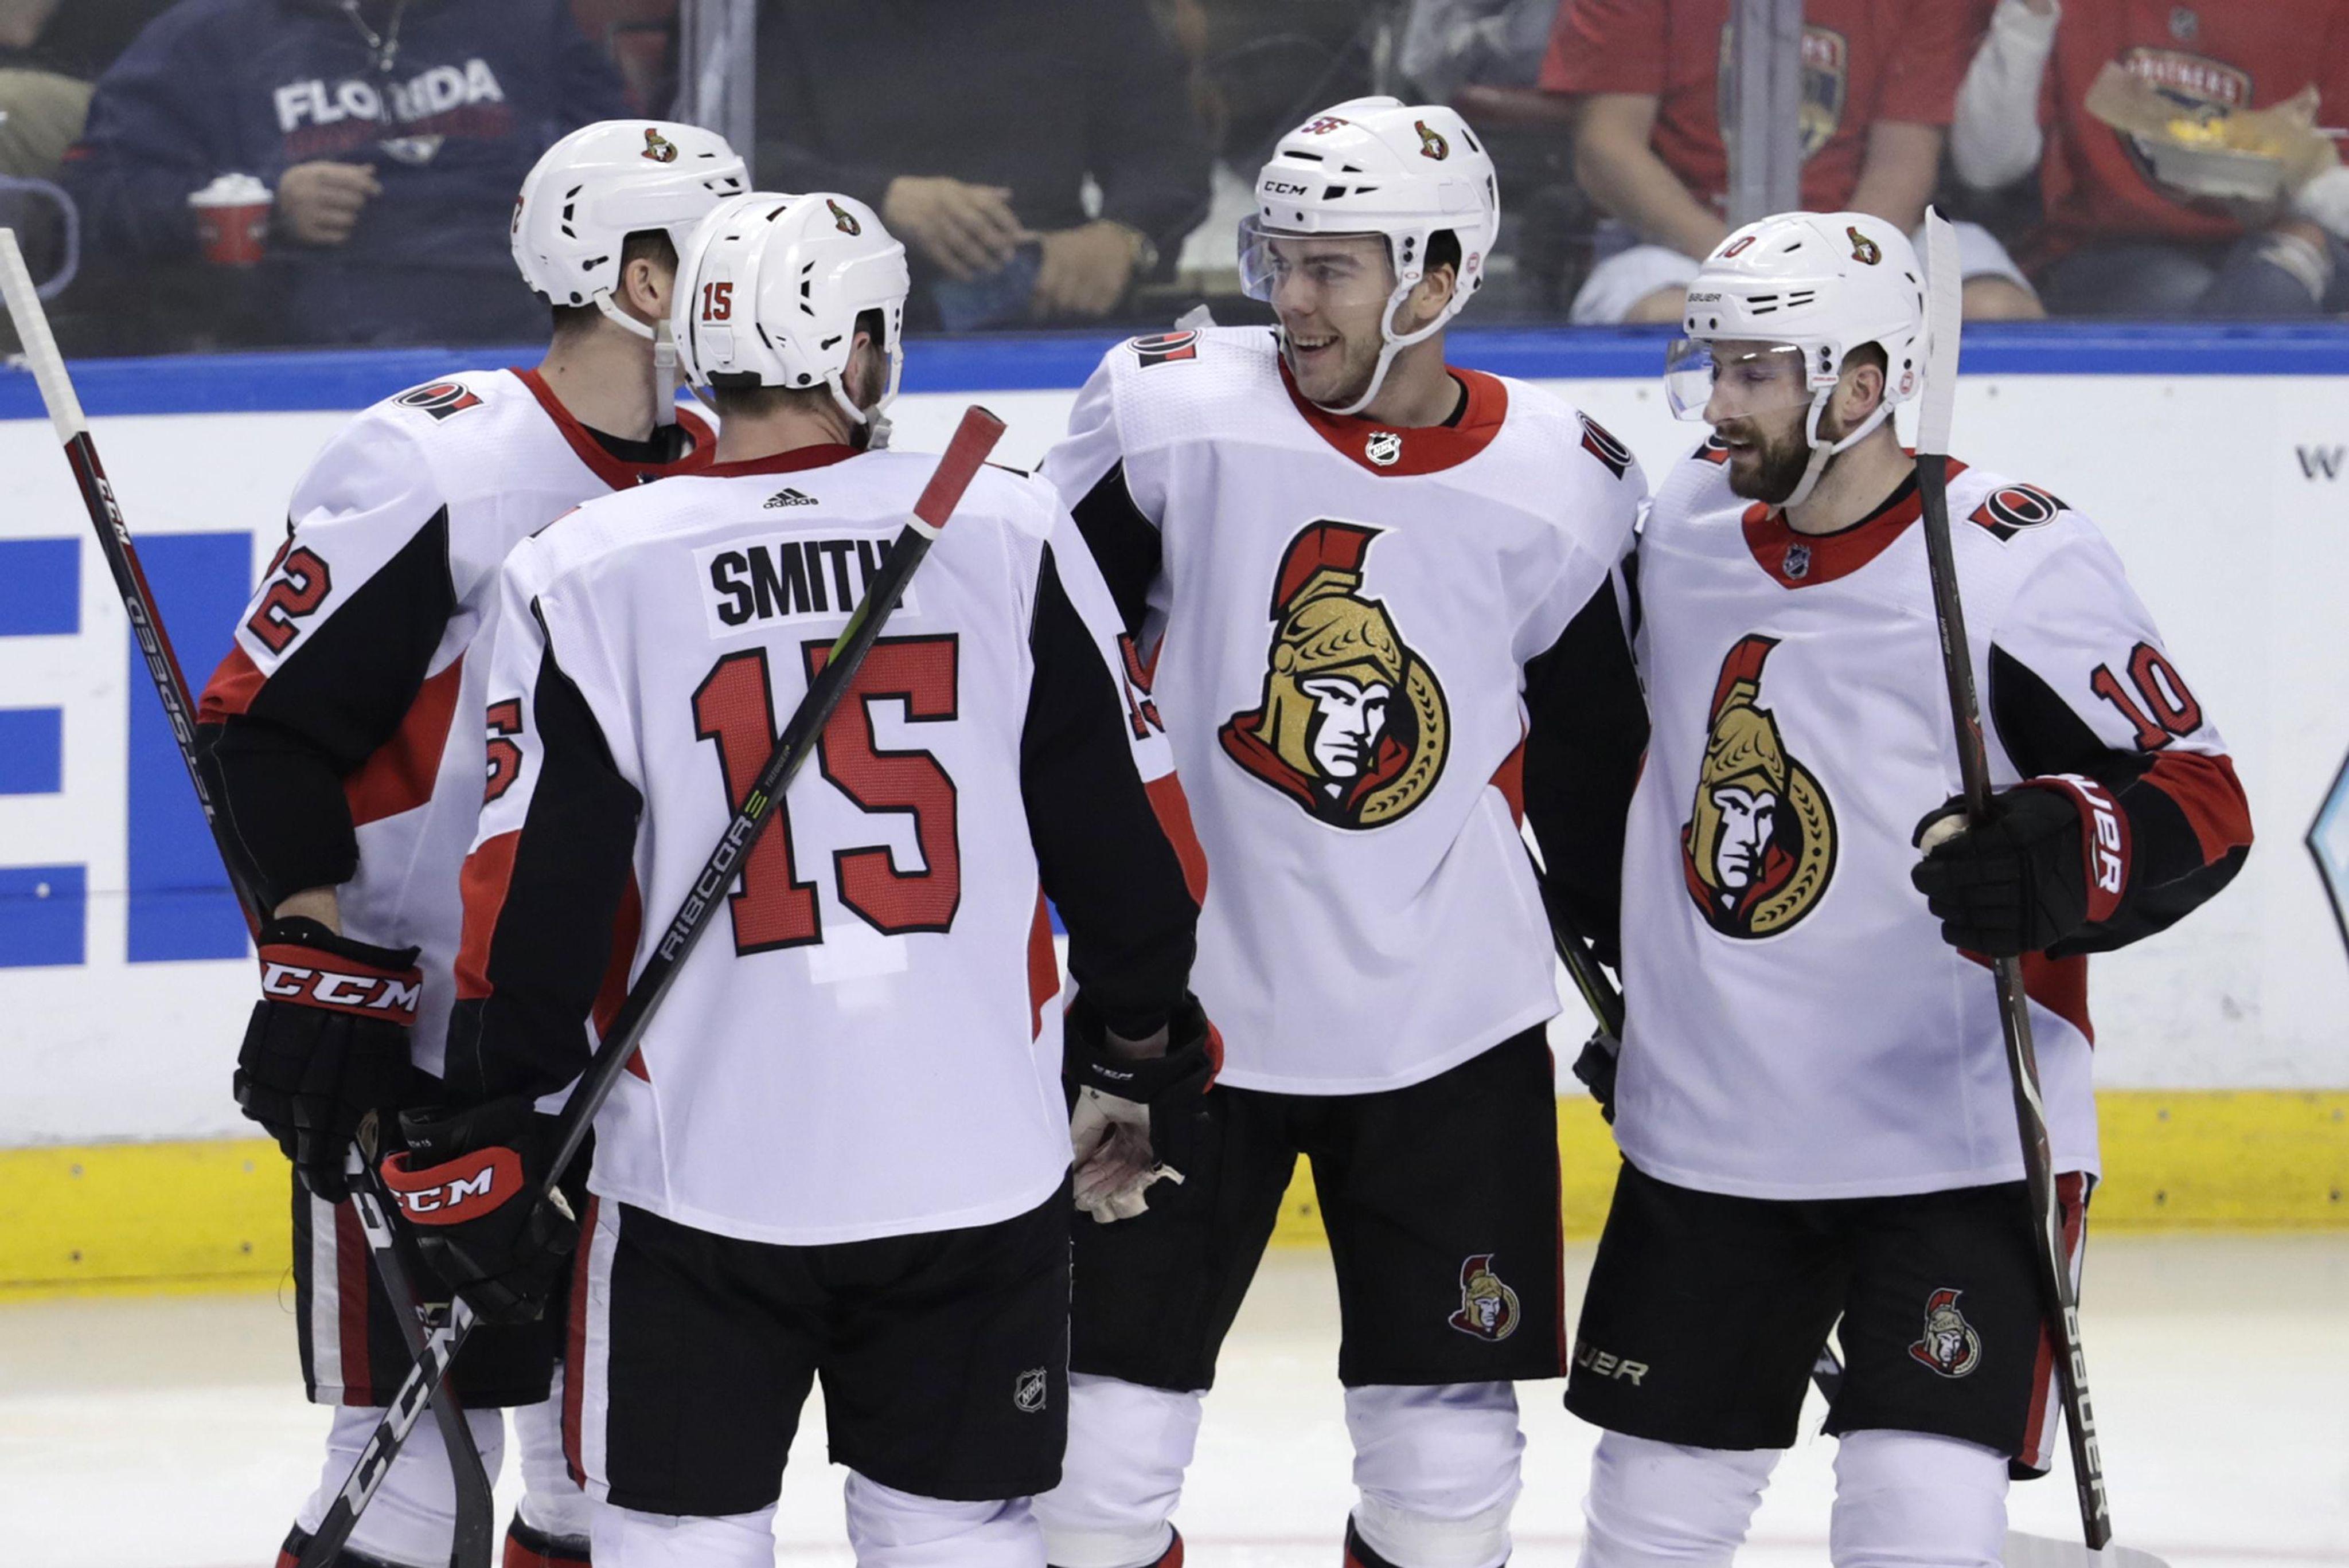 Senators_panthers_hockey_10182_s4096x2735